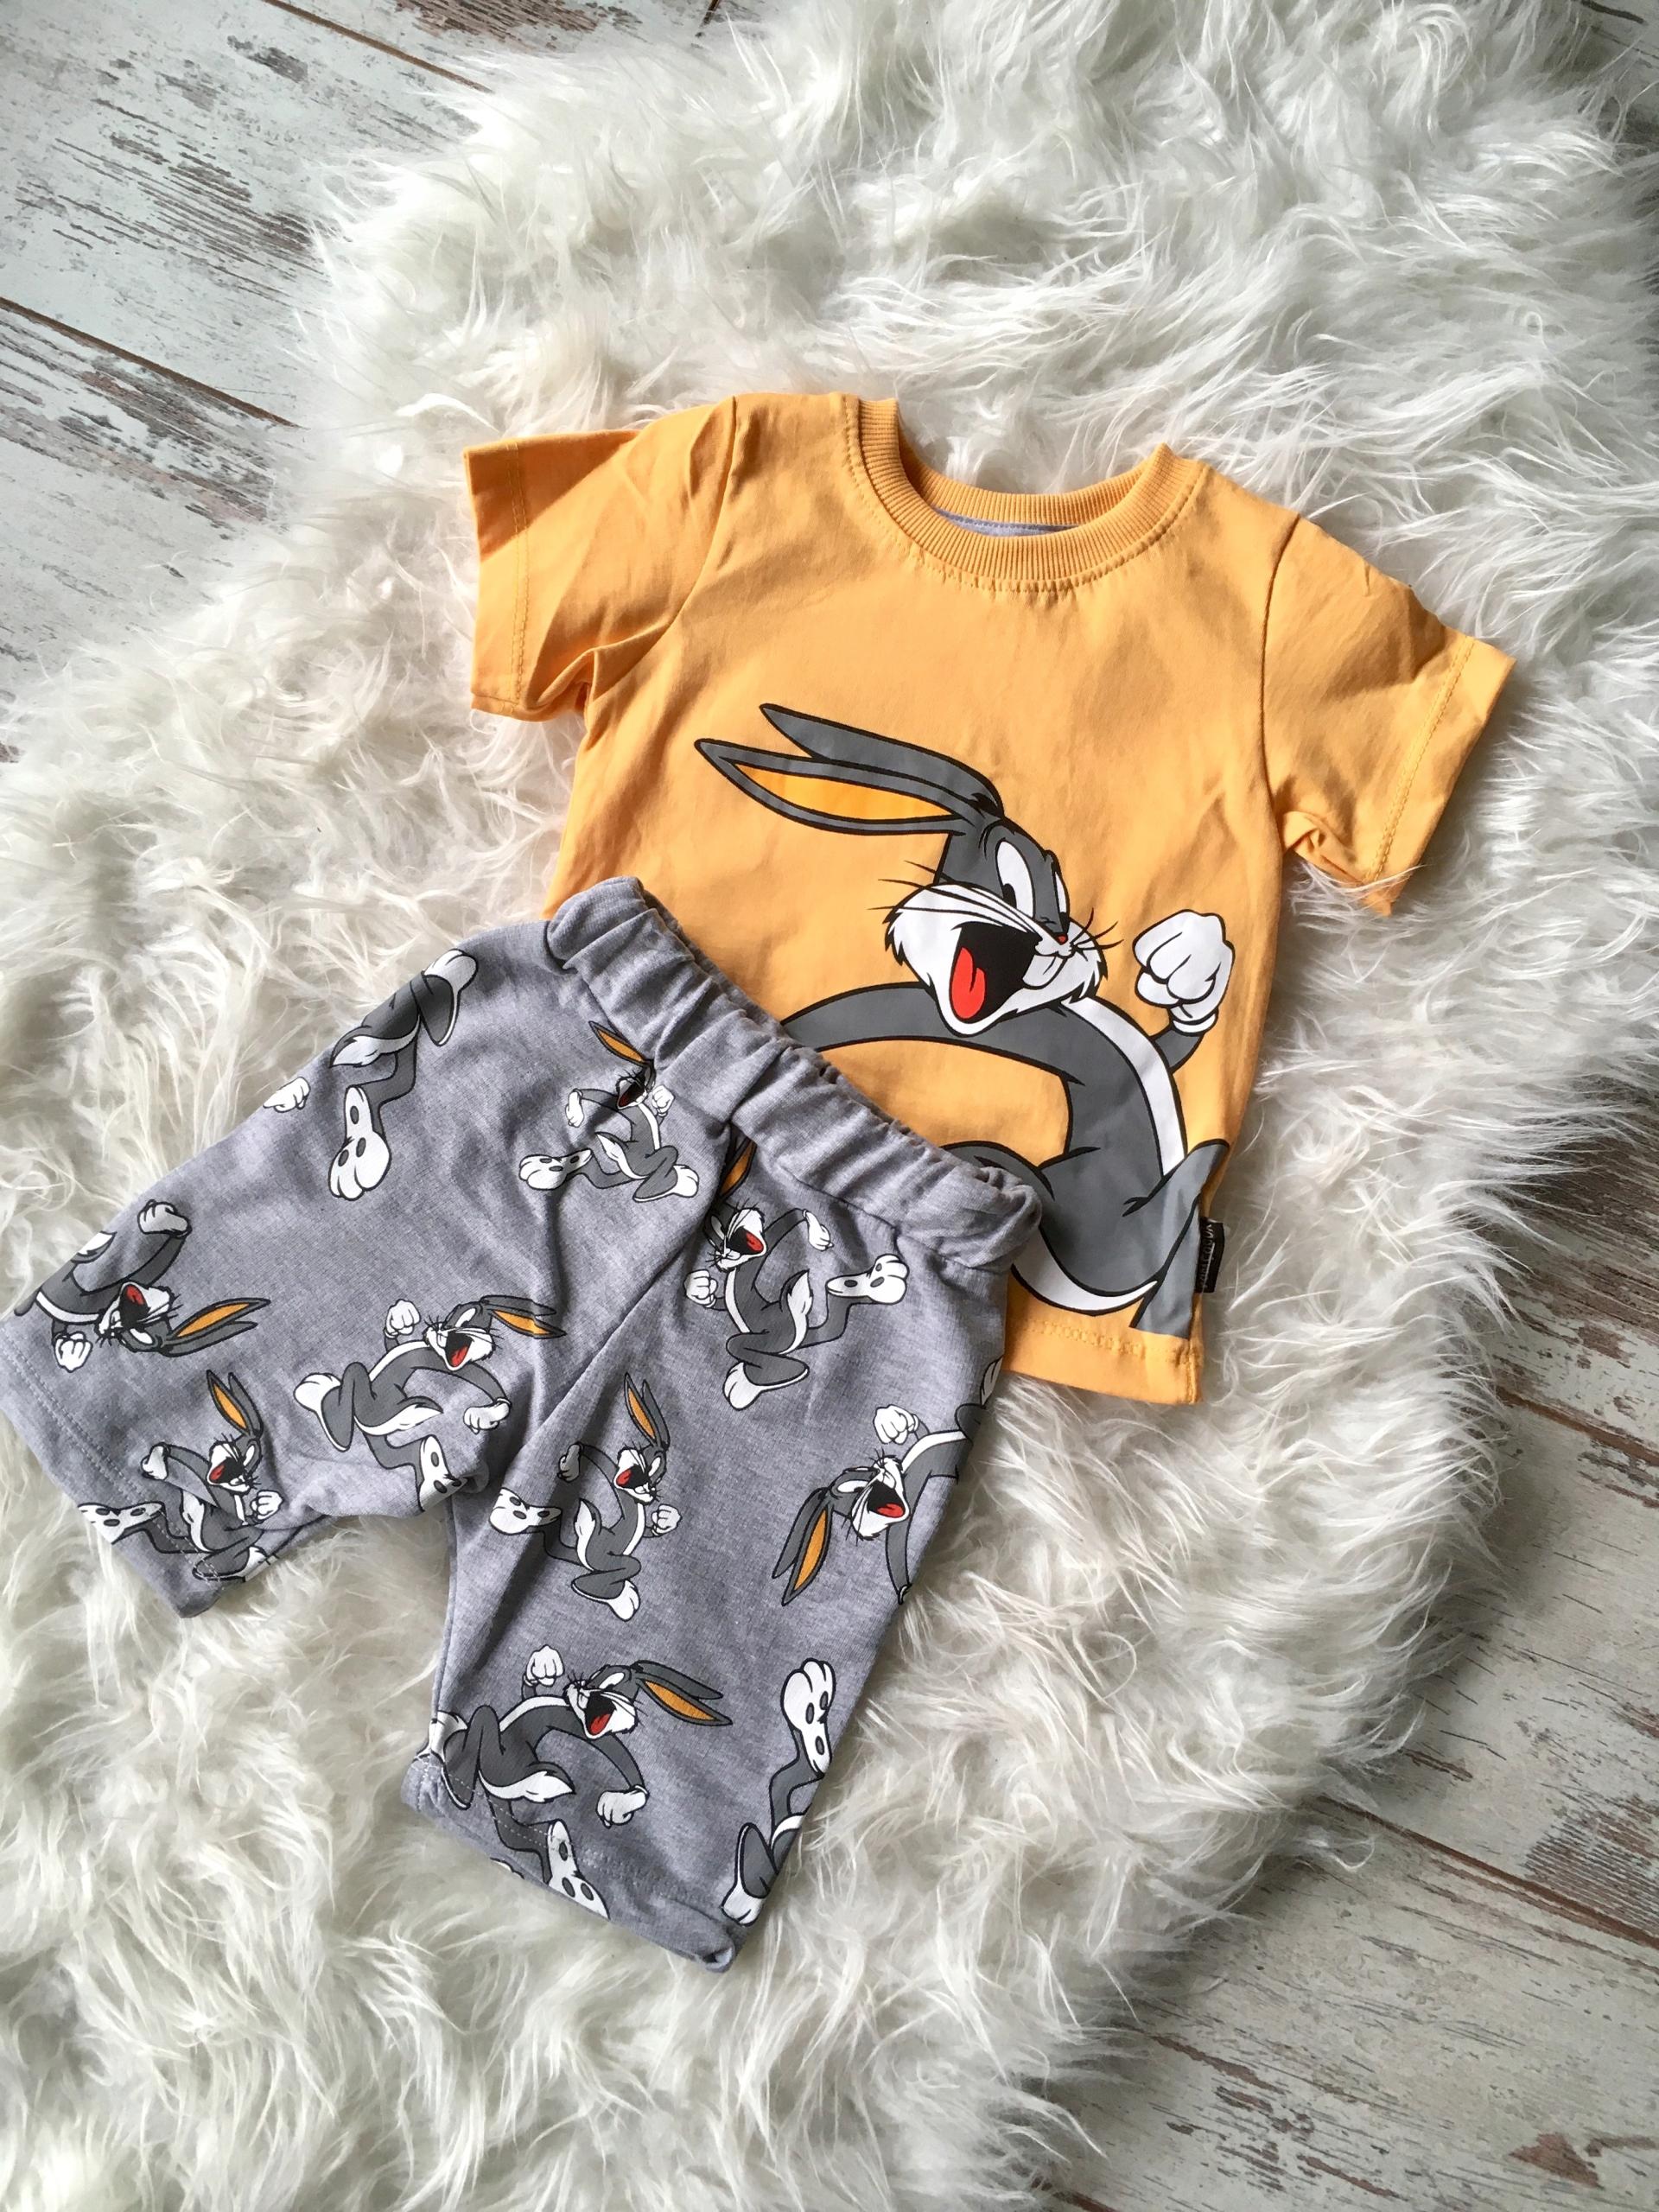 Komplet chłopiec królik bugs t-shirt spodenki 4 L